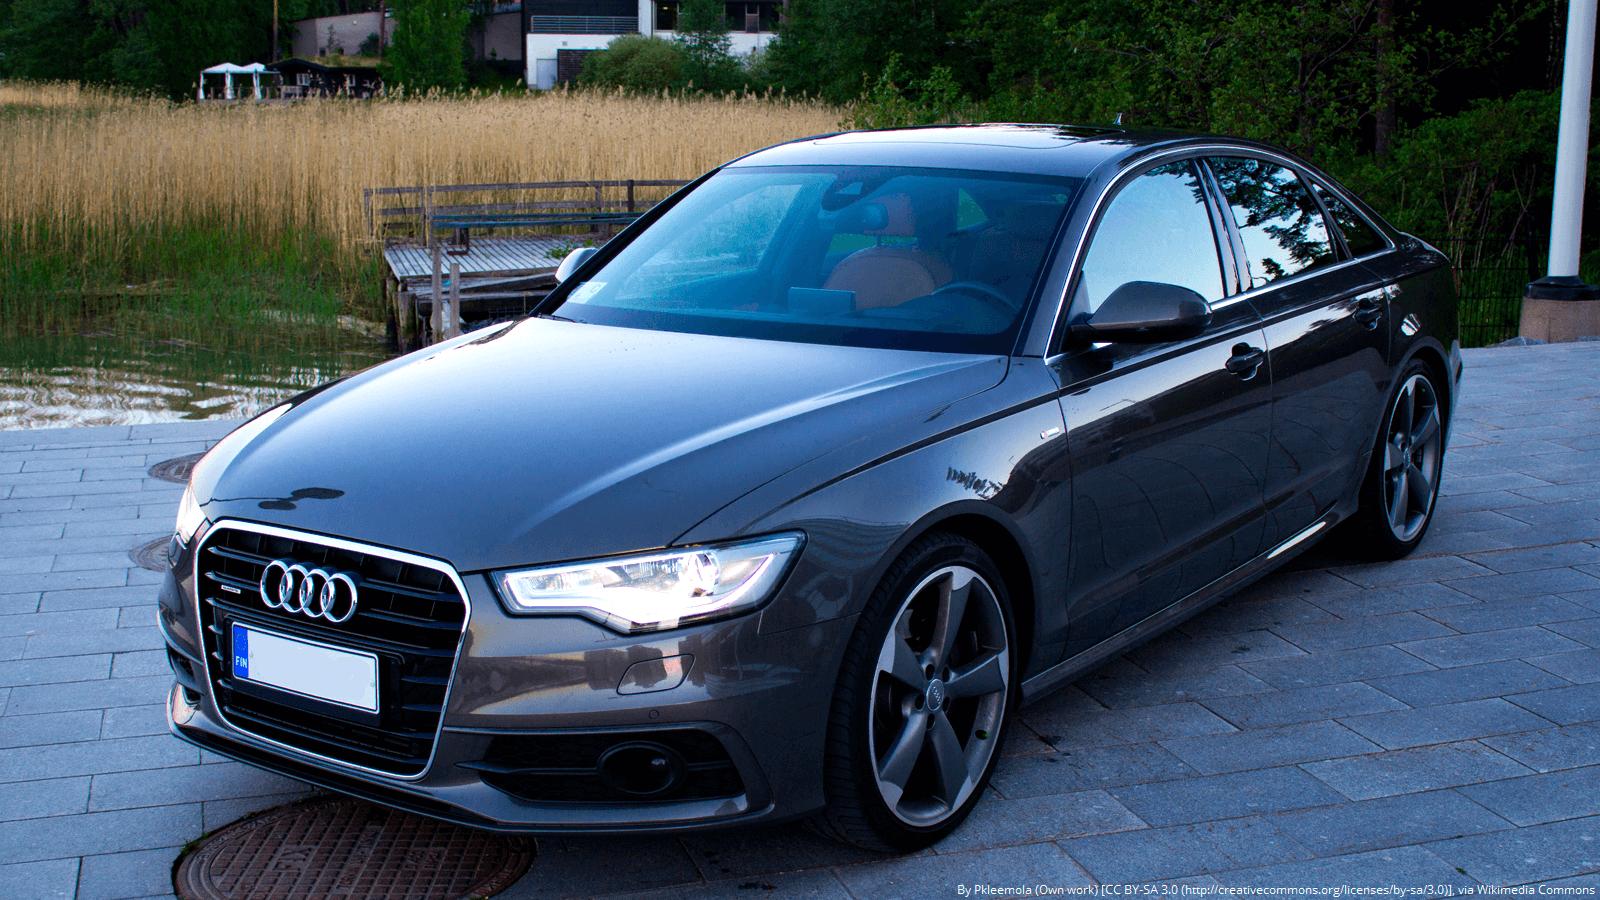 Audi A6 Emissions